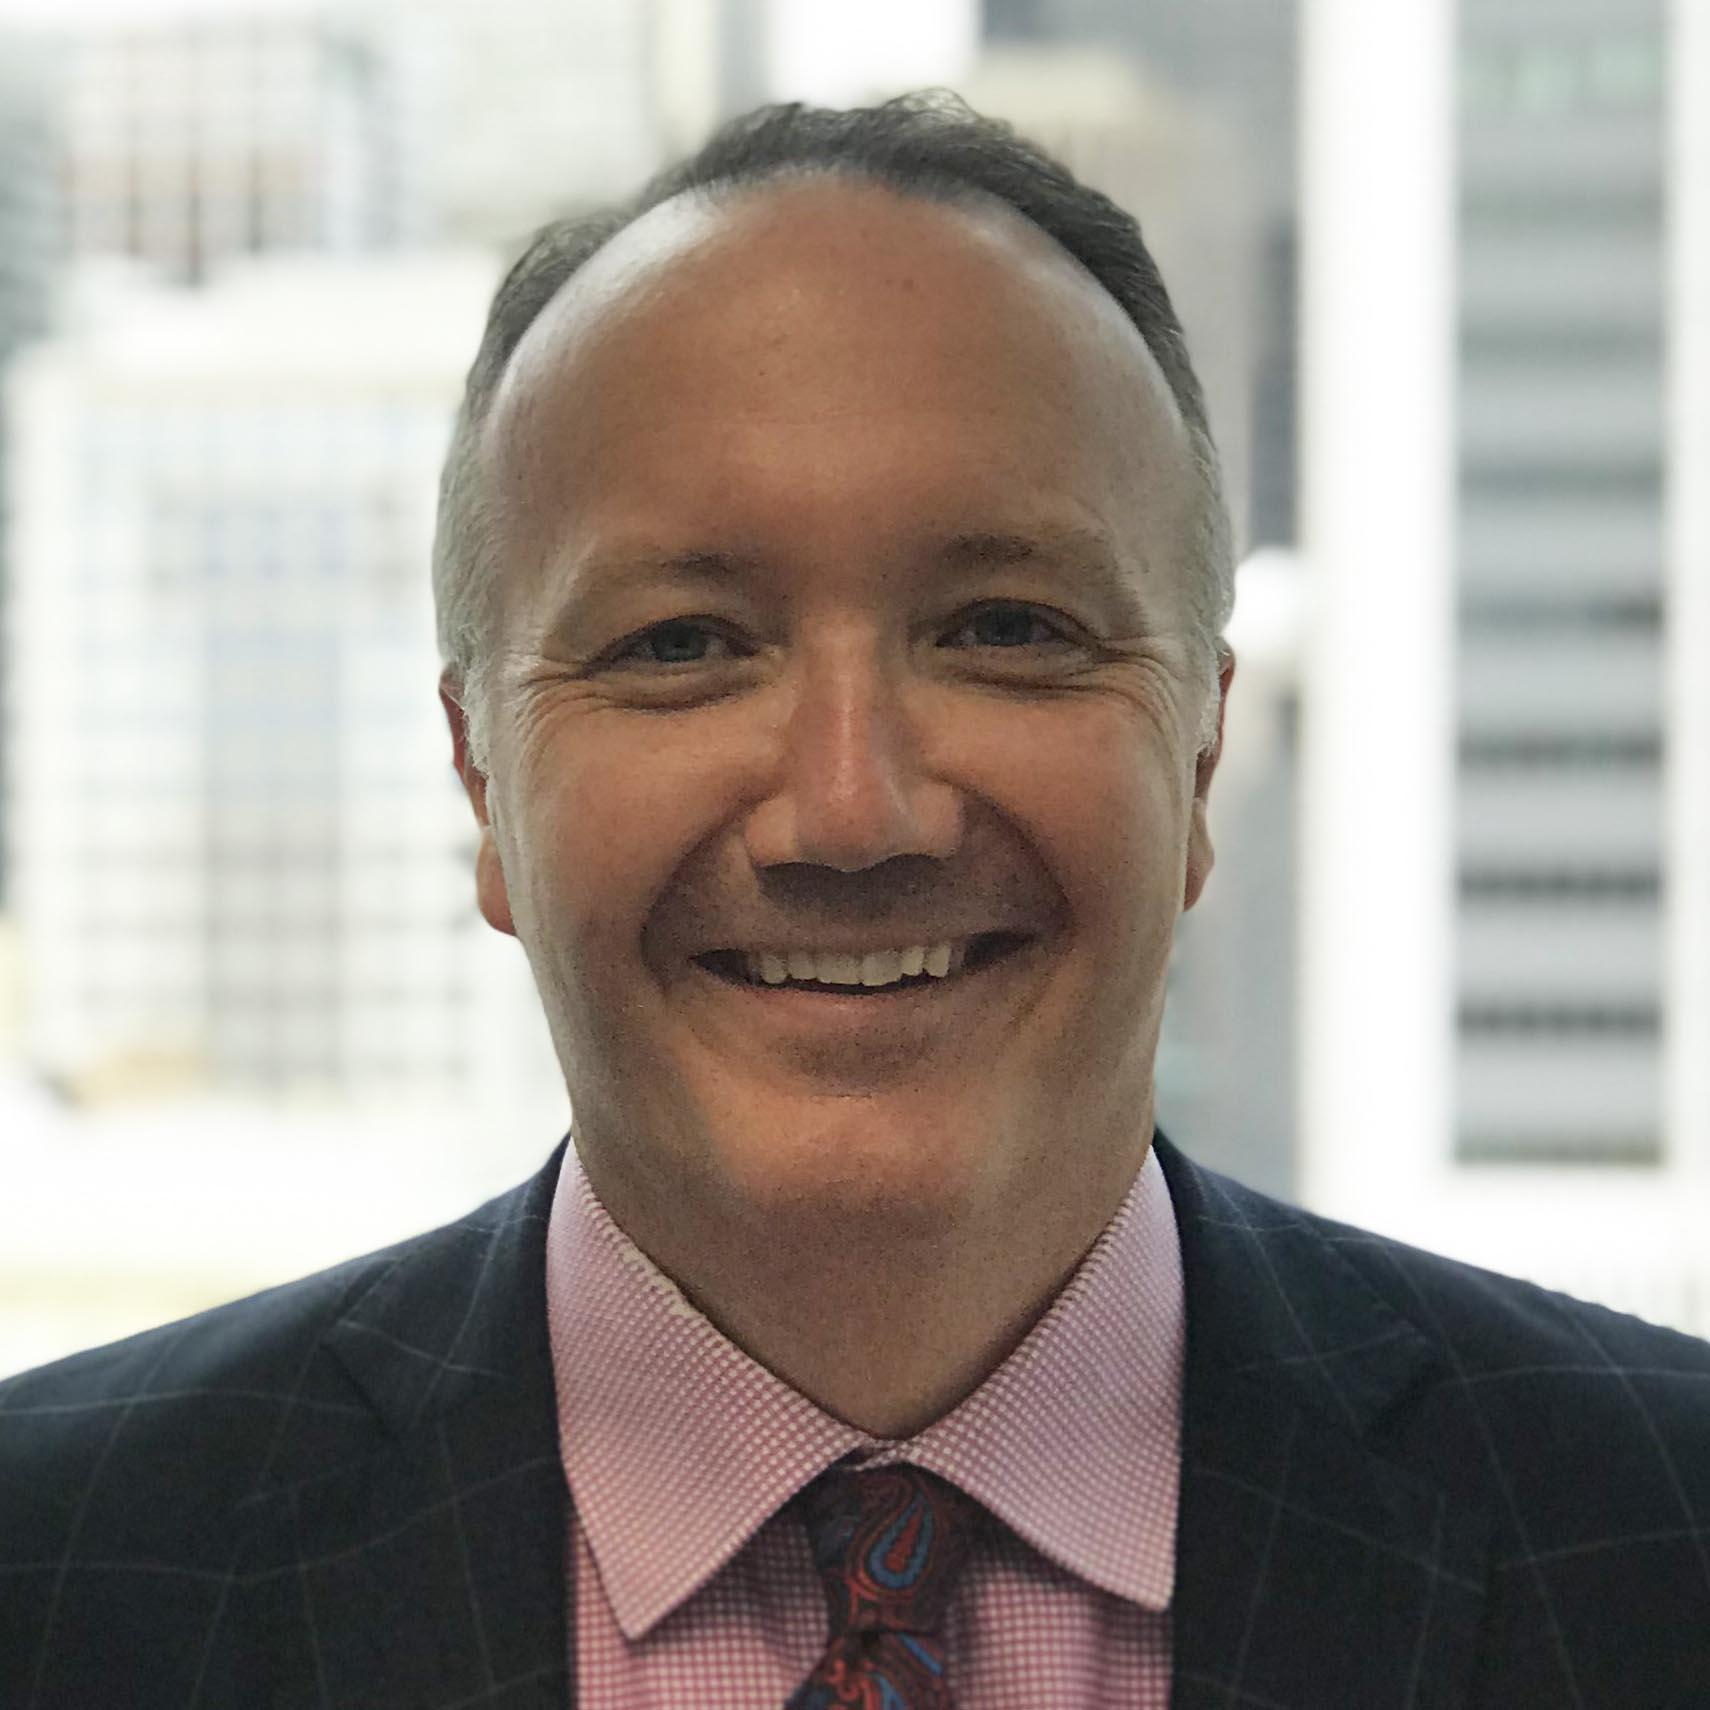 Jason Fallscheer, Client director and credit representative, Pitcher Partners Finance